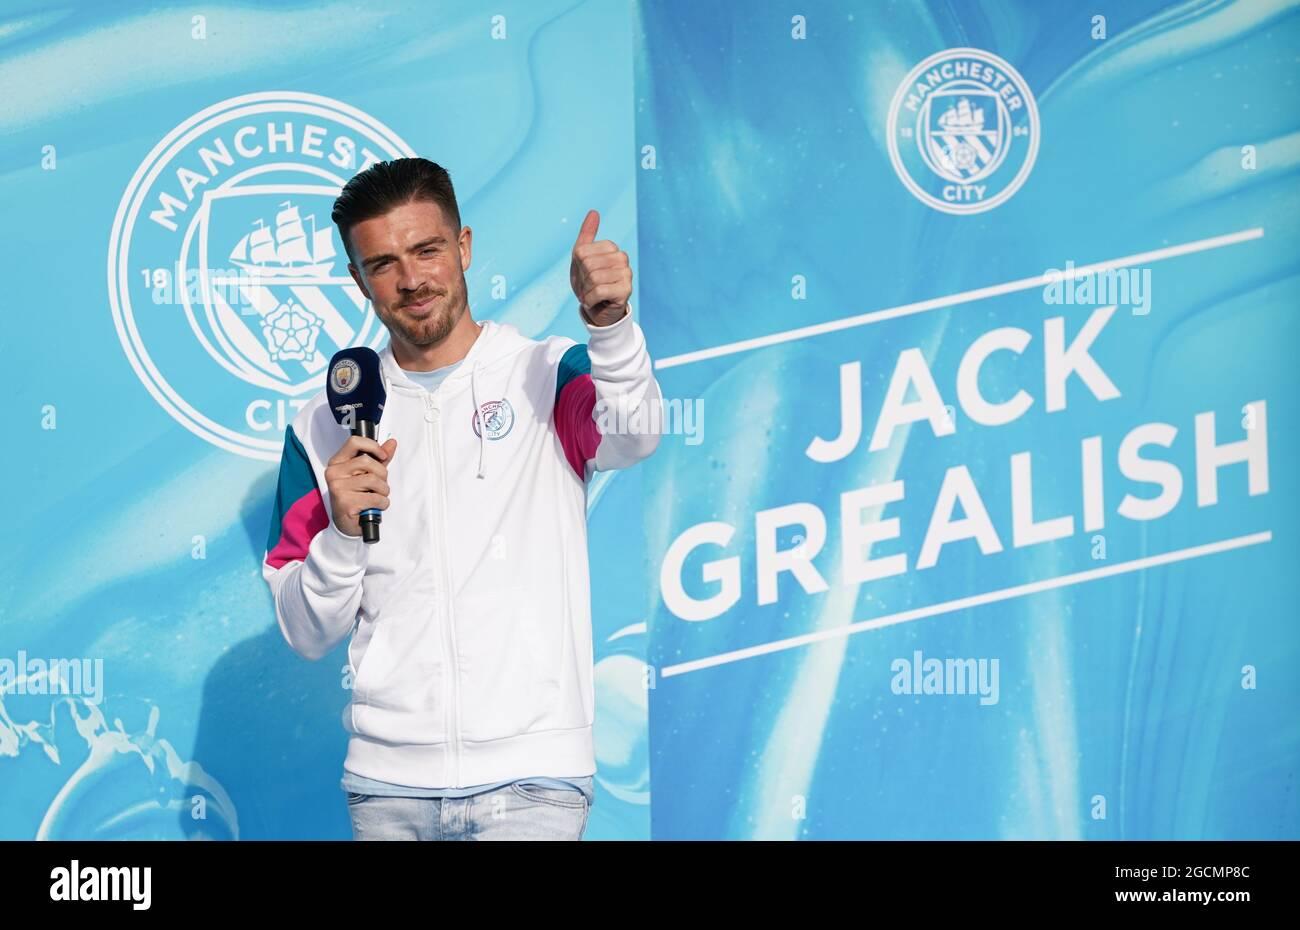 Il nuovo canto Jack Grealish di Manchester City parla ai tifosi esterni dopo la conferenza stampa all'Etihad Stadium di Manchester. Data immagine: Lunedì 9 agosto 2021. Foto Stock